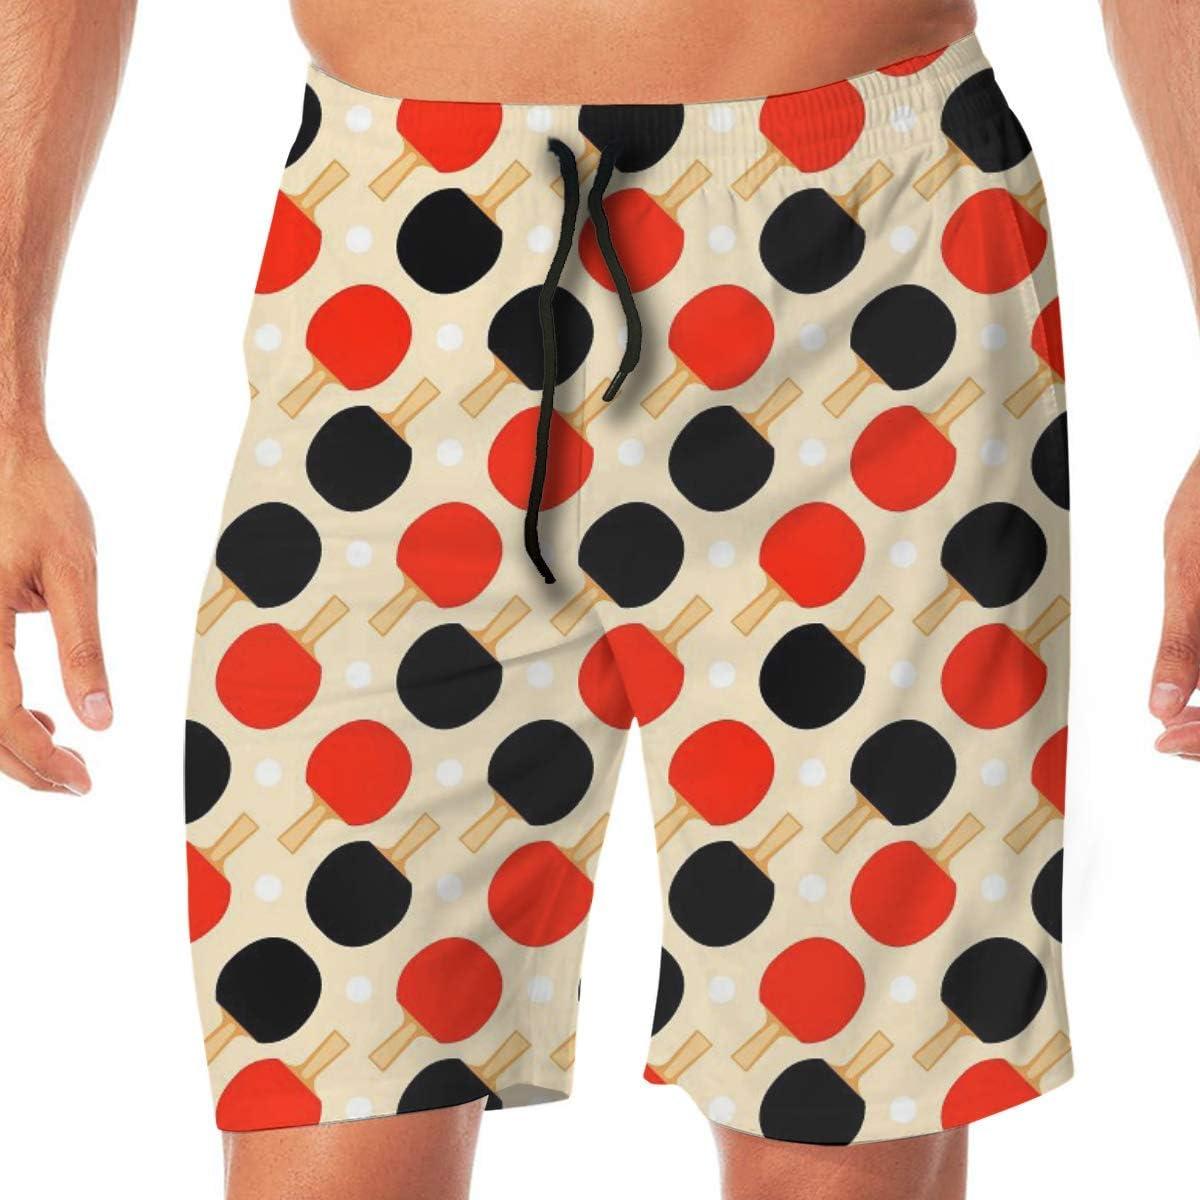 Tenis de Mesa de Patrones sin Fisuras de Secado rápido de Encaje elástico Ba?Adores de Playa Pantalones Cortos Pantalones Traje de ba?o Traje de ba?o con Bolsillos.